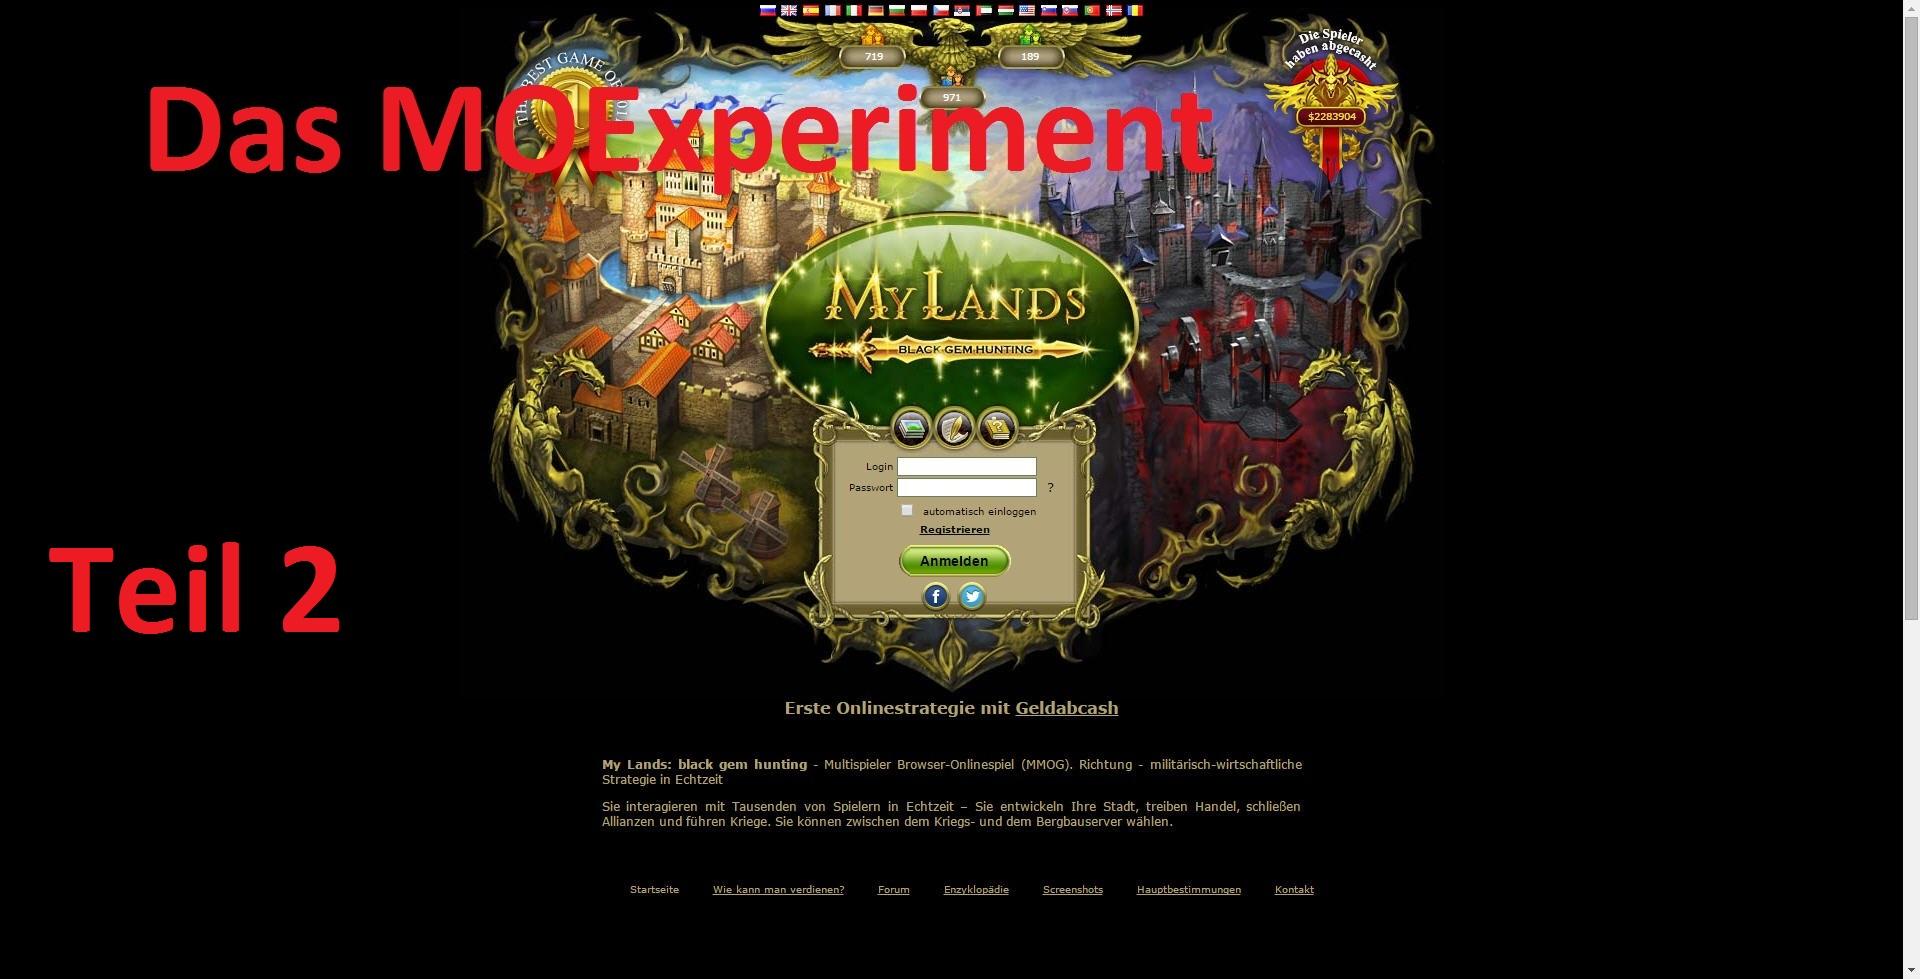 Teil 2 des MOExperiment – Kann man mit My Lands wirklich Geld verdienen?